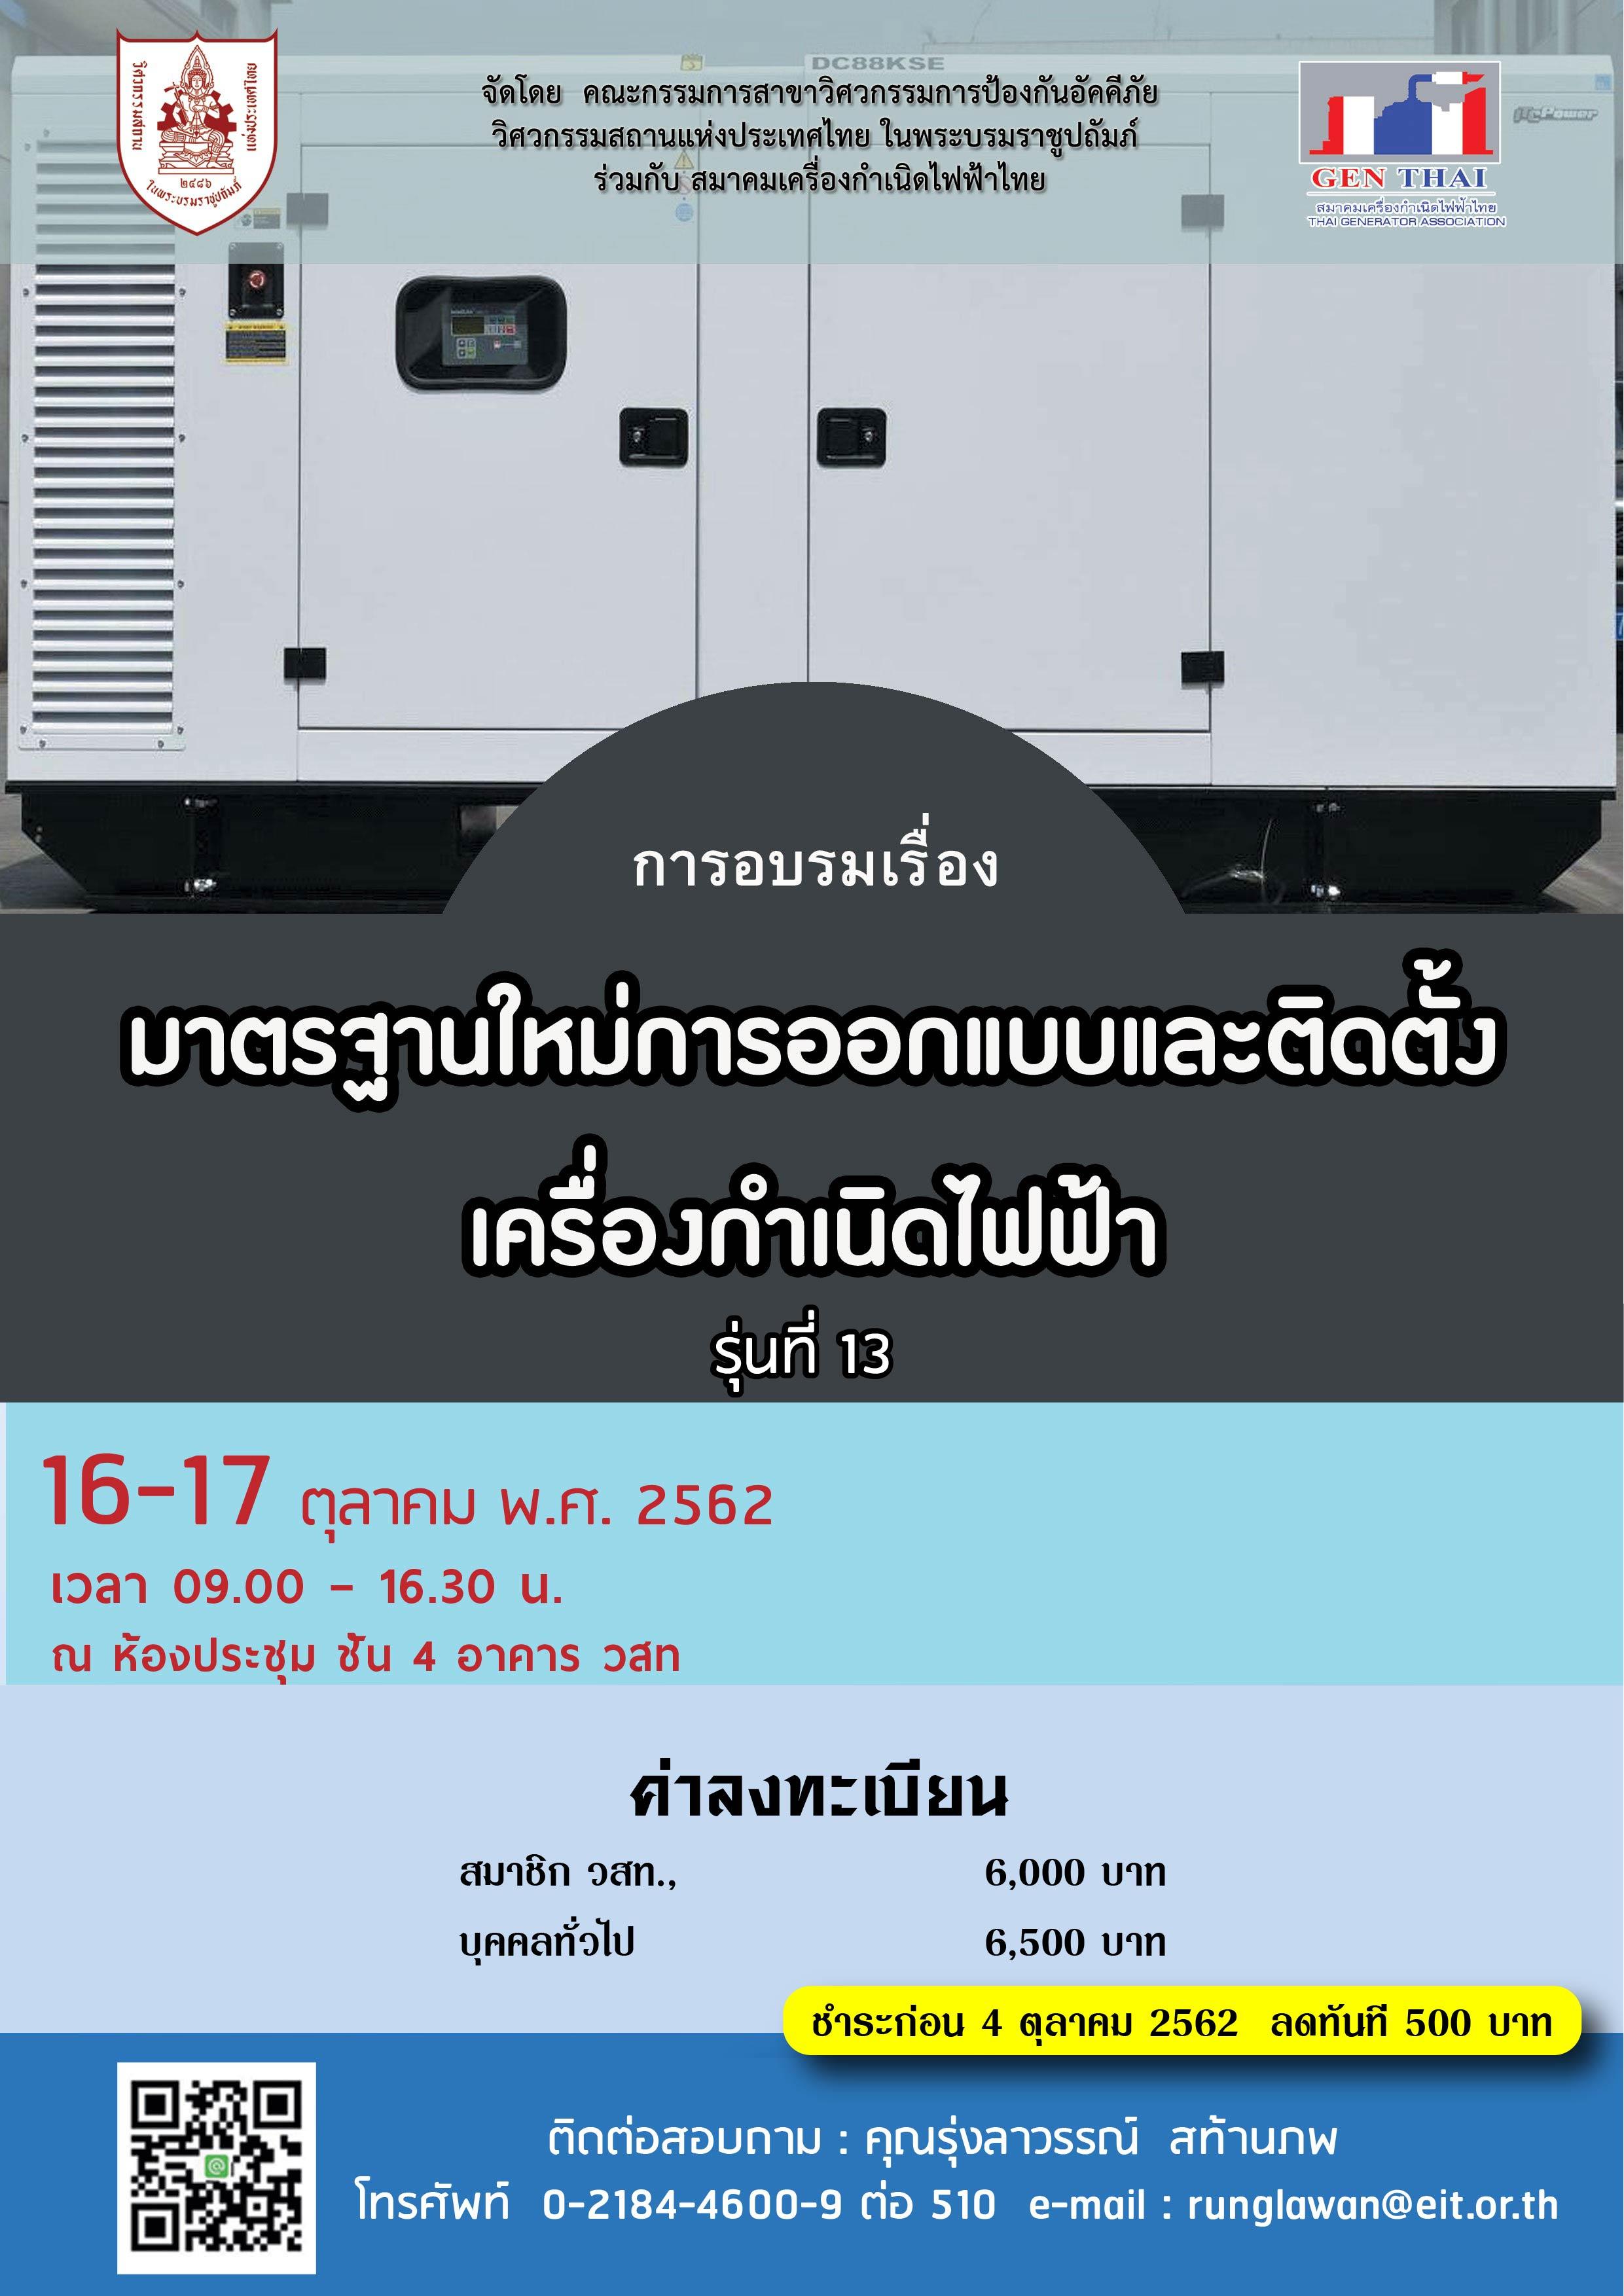 16-17/10/2562 การอบรมเรื่อง มาตรฐานใหม่การออกแบบและติดตั้งเครื่องกำเนิดไฟฟ้า รุ่นที่ 13